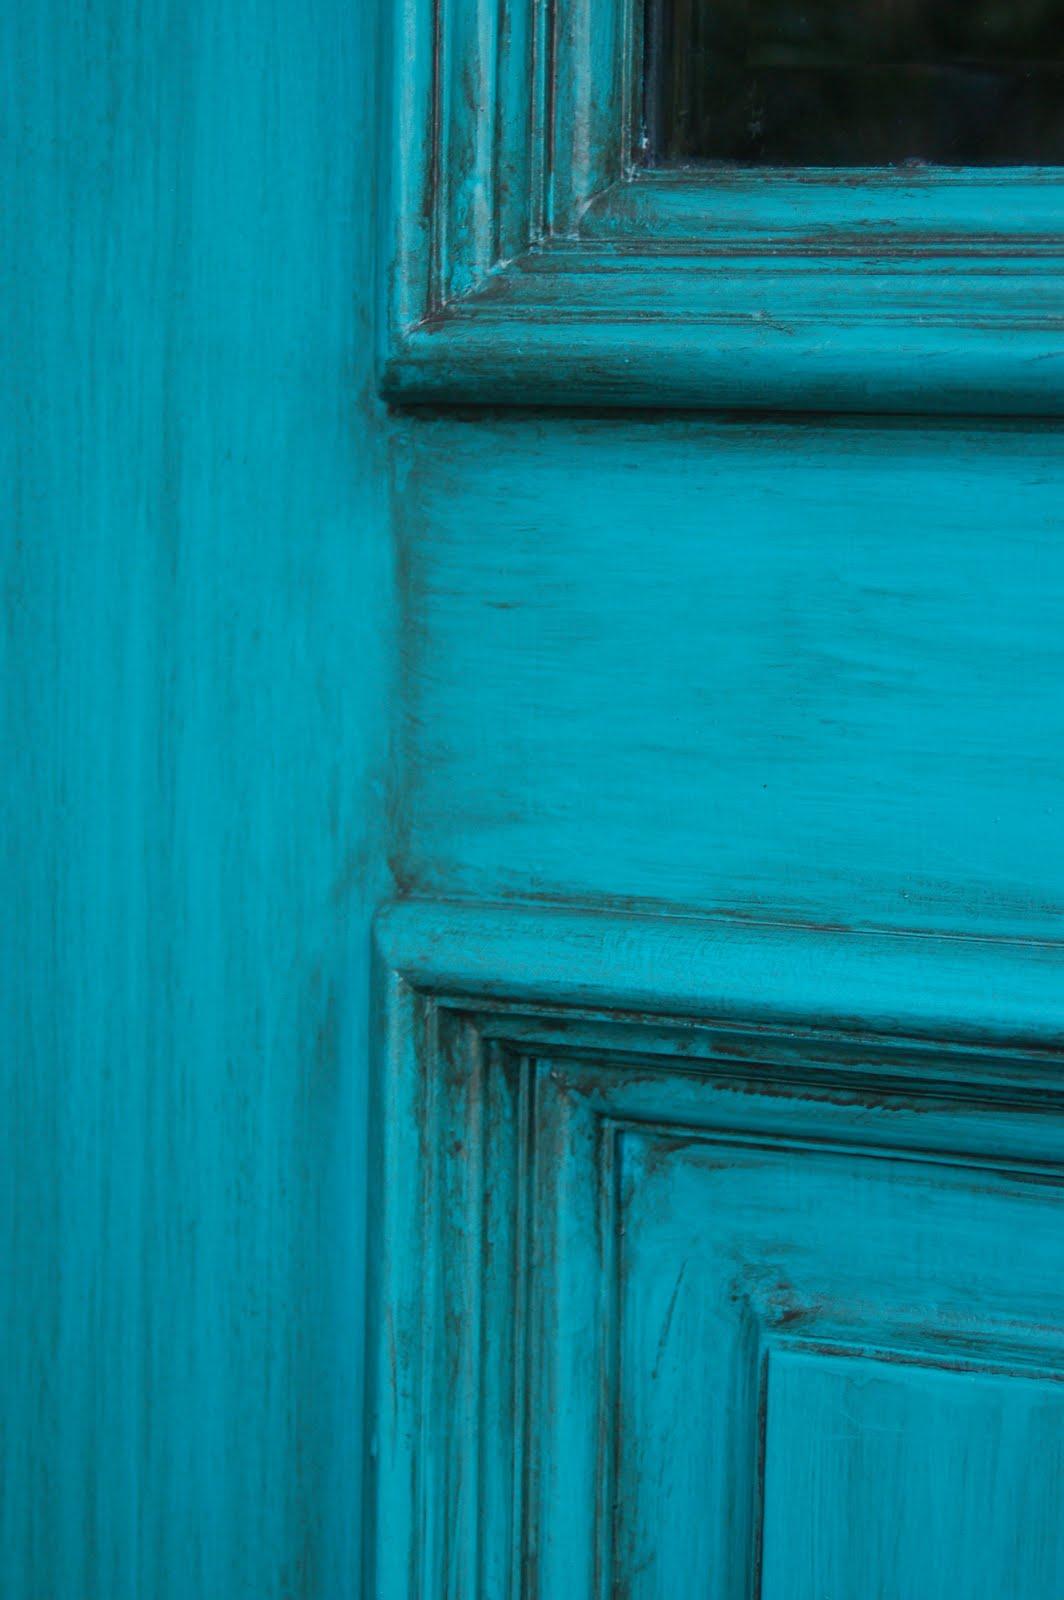 & Turquoise Front Door - Sonya Hamilton Designs